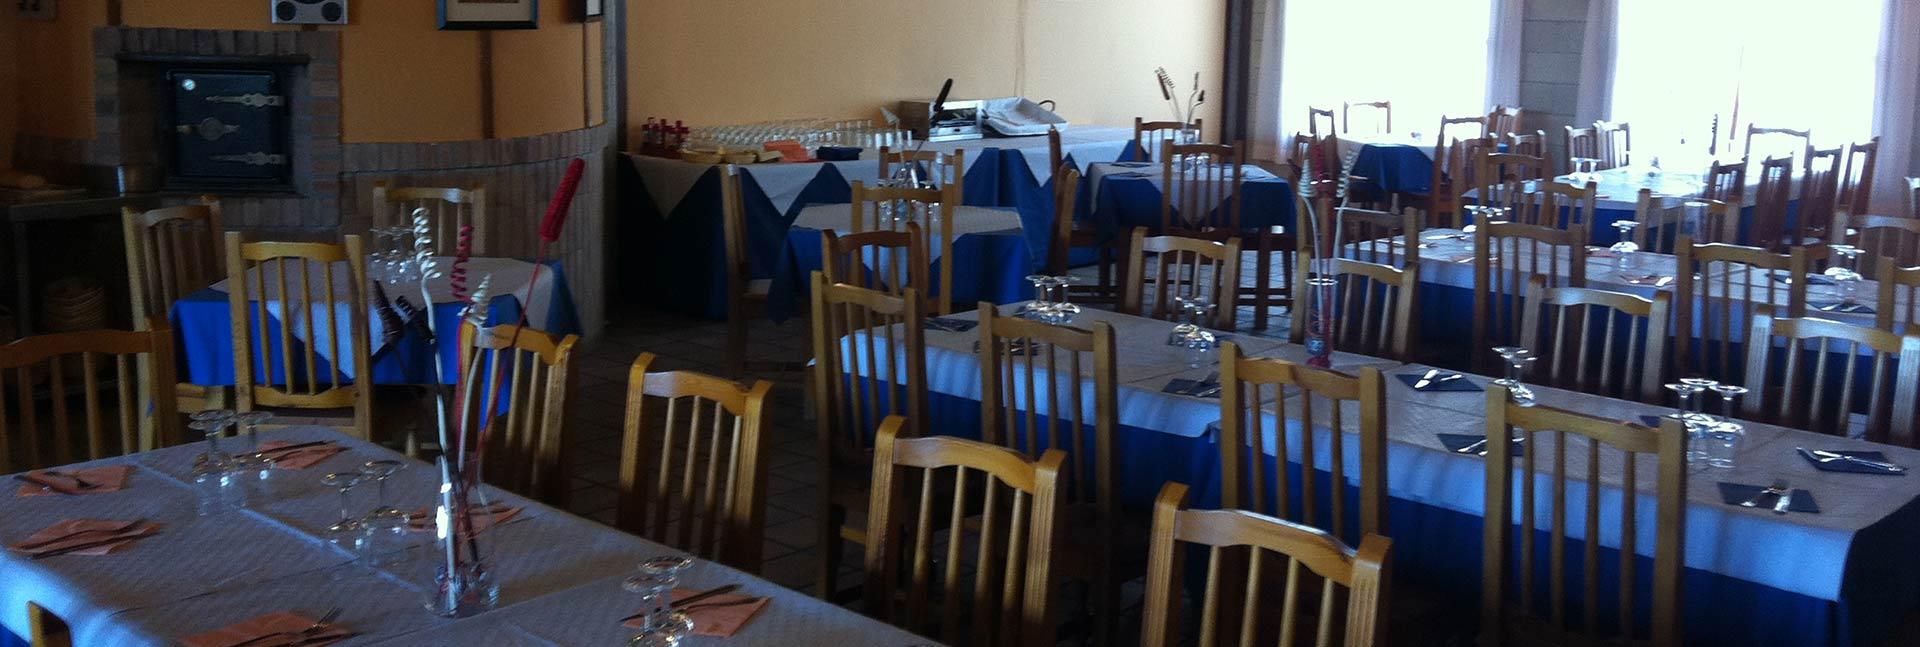 Restaurante4